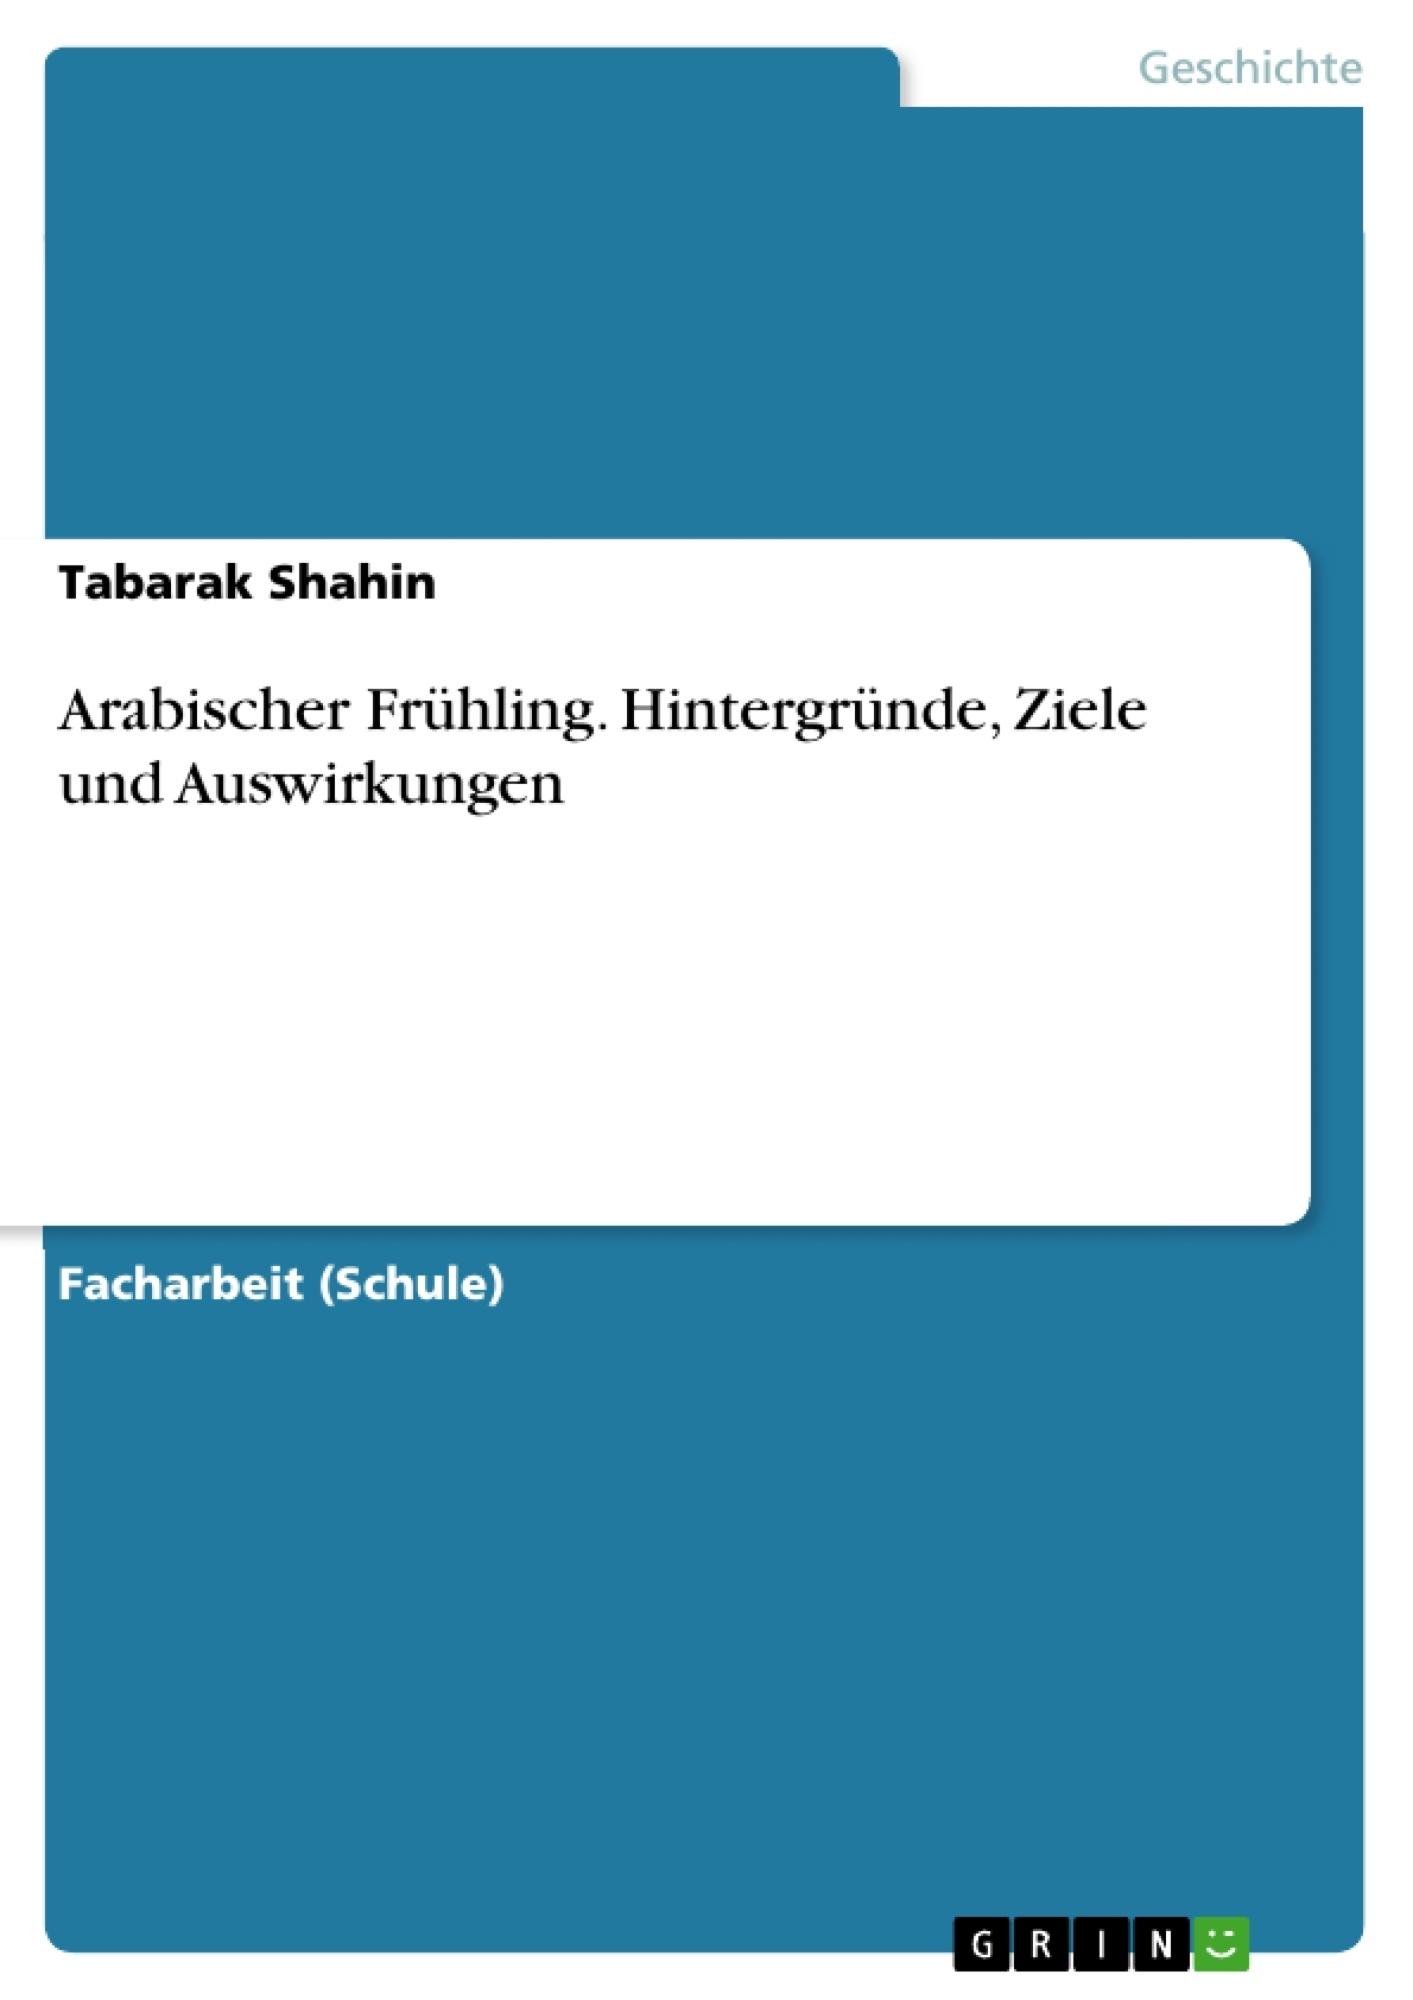 Titel: Arabischer Frühling. Hintergründe, Ziele und Auswirkungen